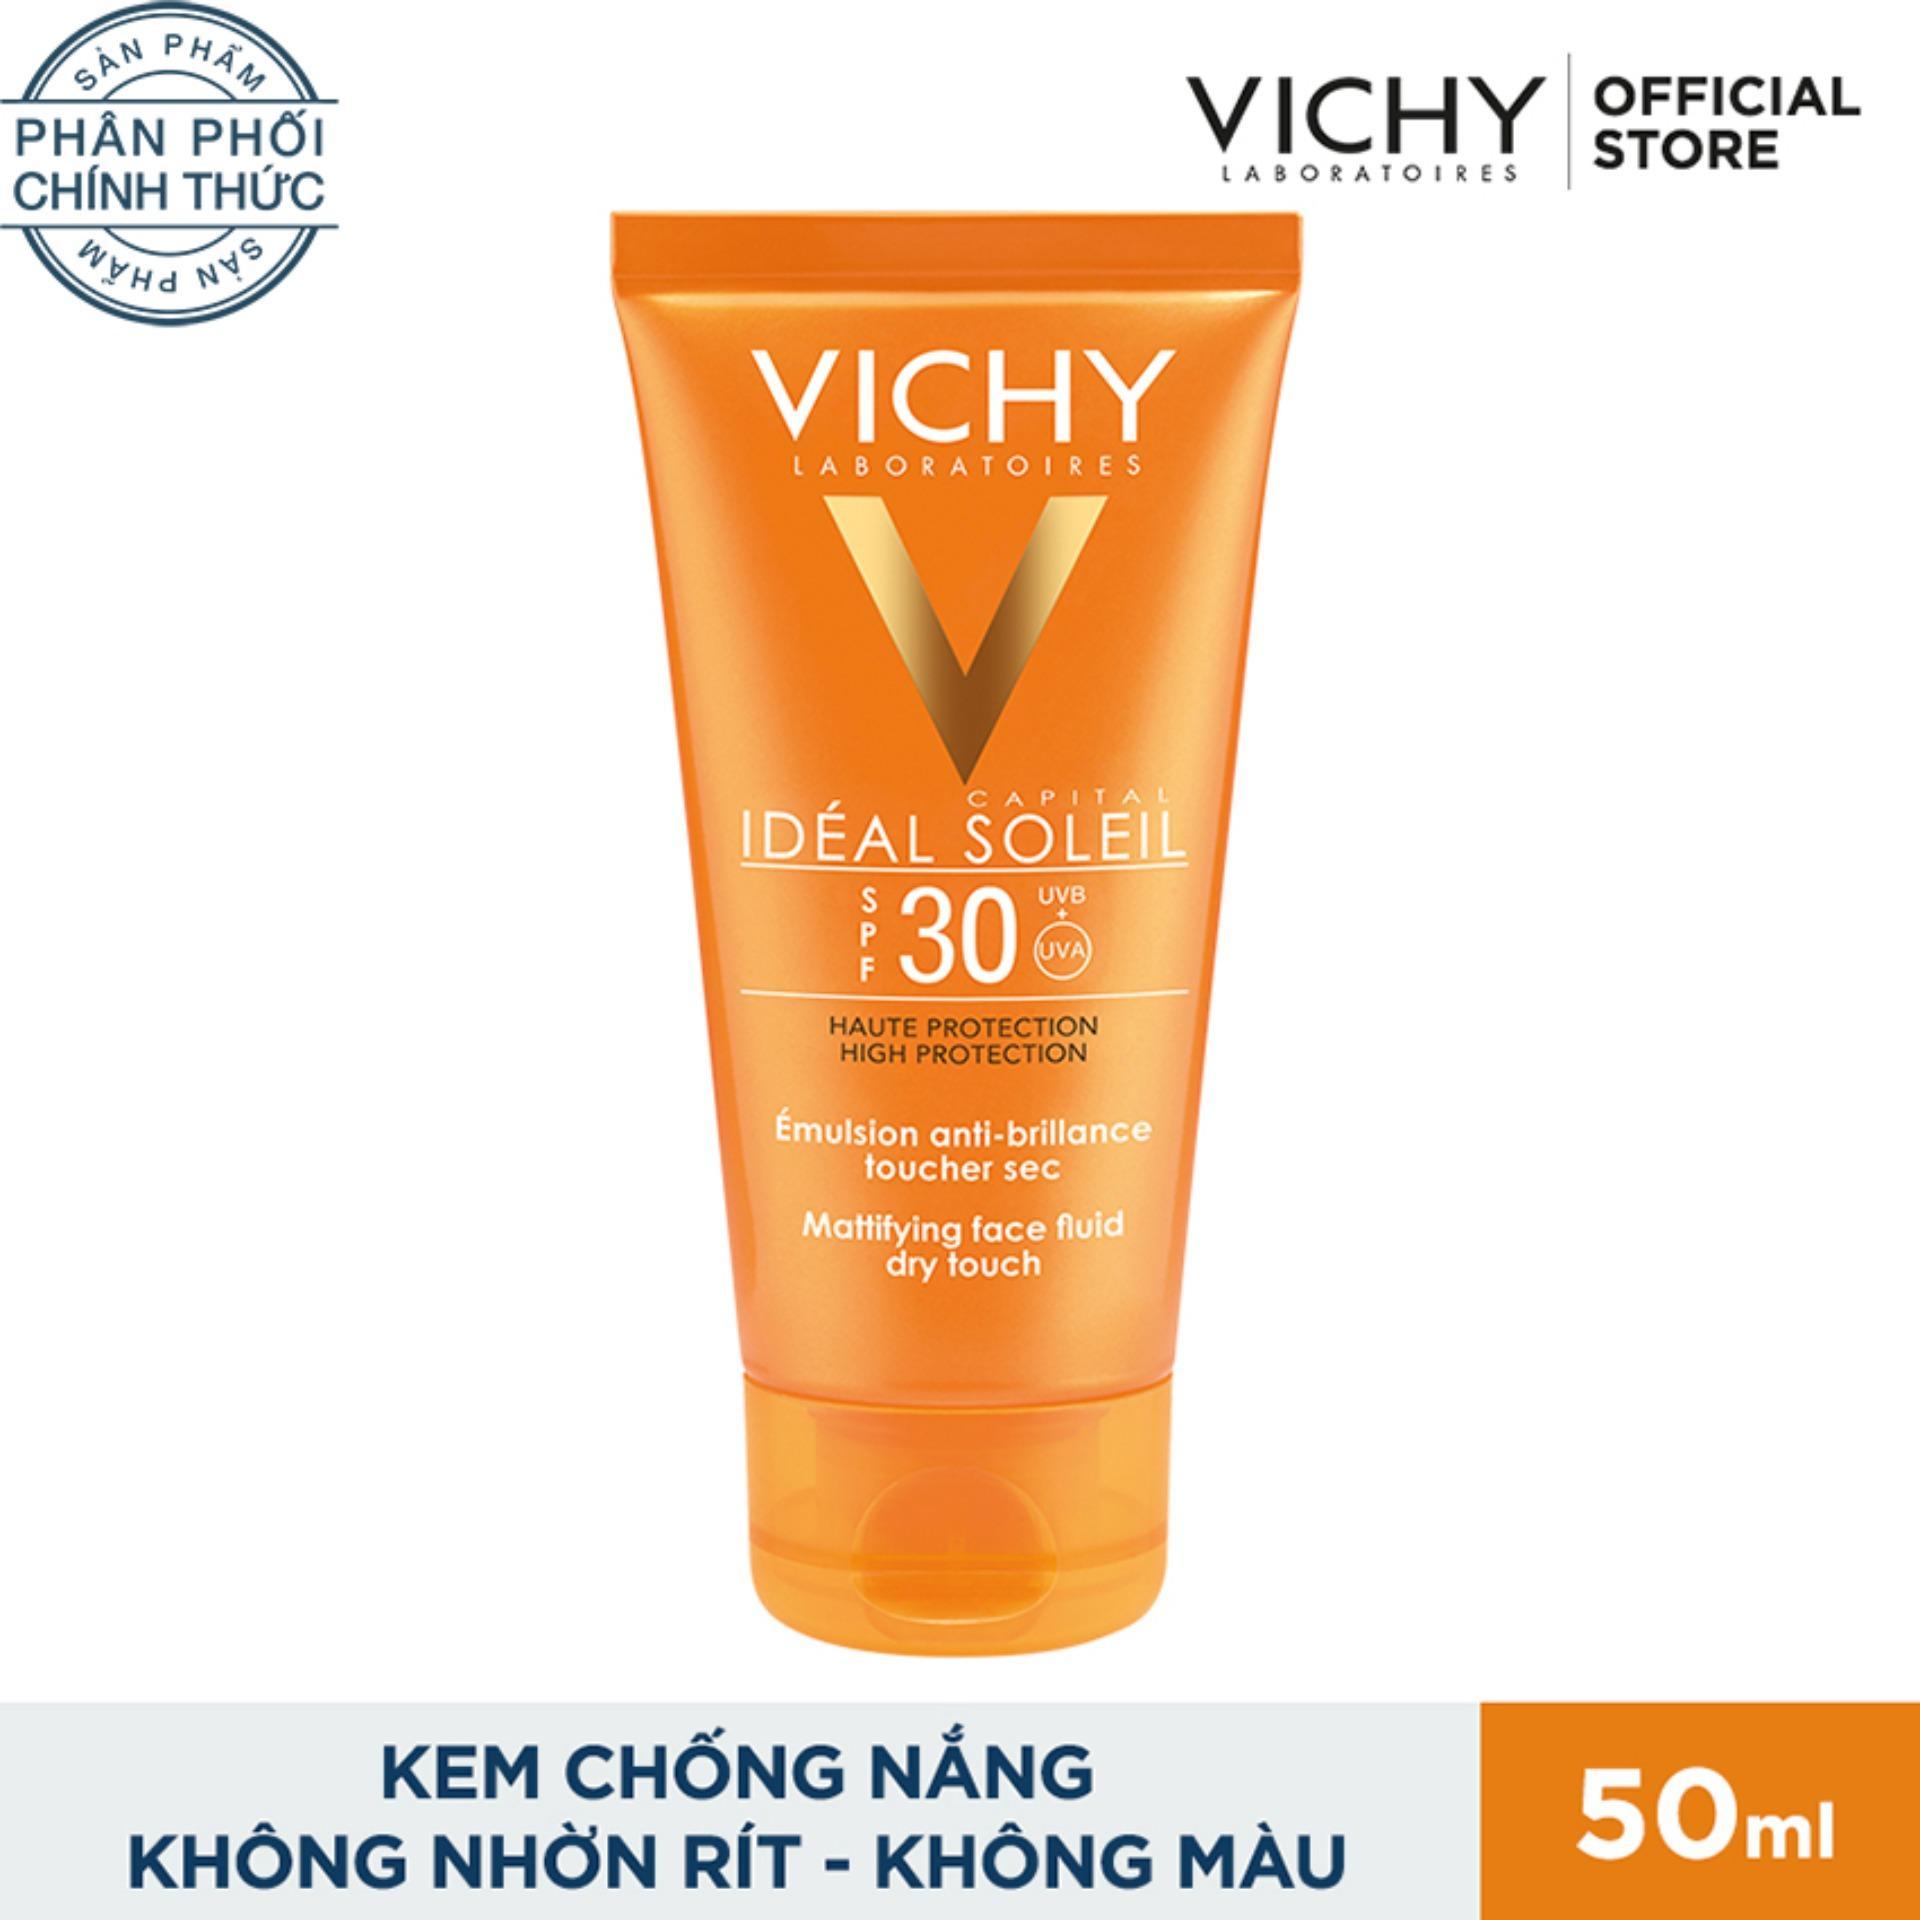 Kem Chống Nắng Khong G*y Nhờn Rit Vichy Ideal Soleil Dry Touch Spf 50 Chống Tia Uva Uvb 50Ml Vichy Chiết Khấu 40